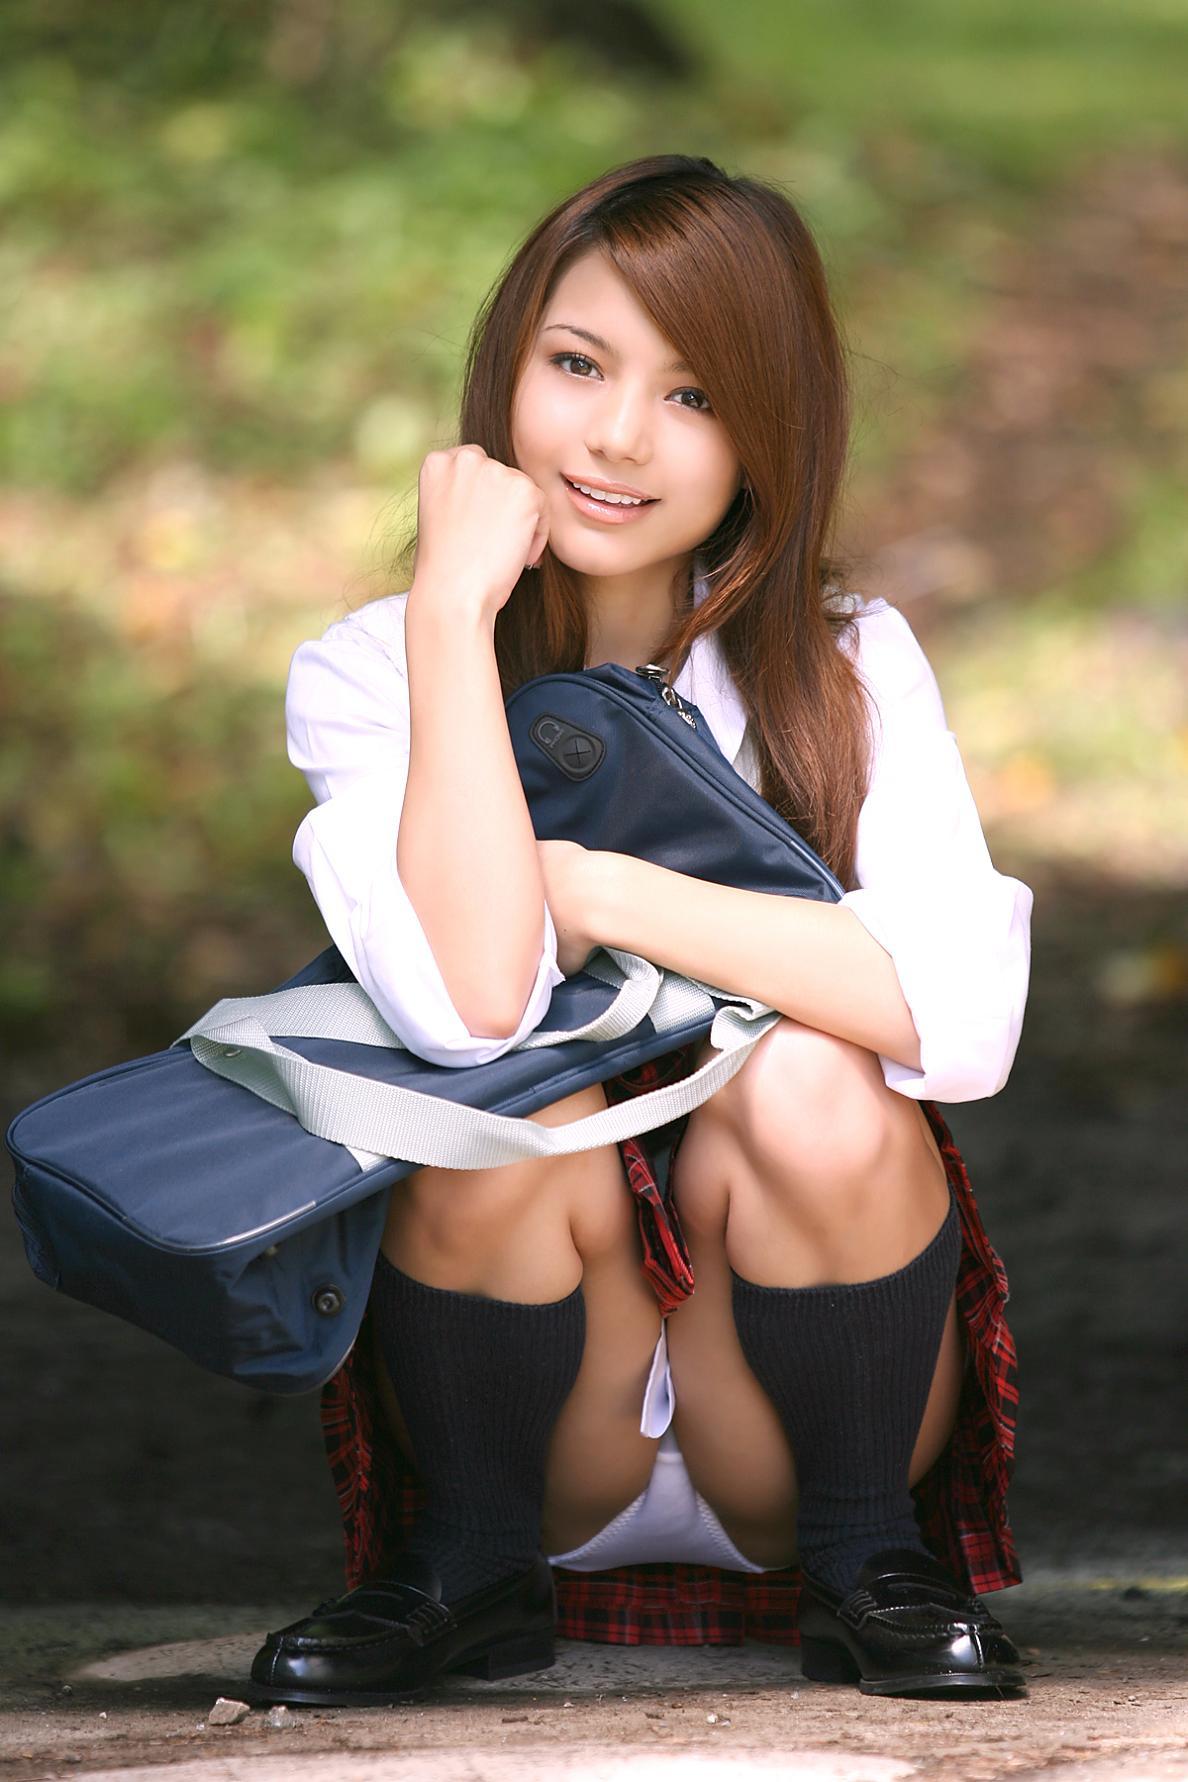 Японки tokyo hot 21 фотография